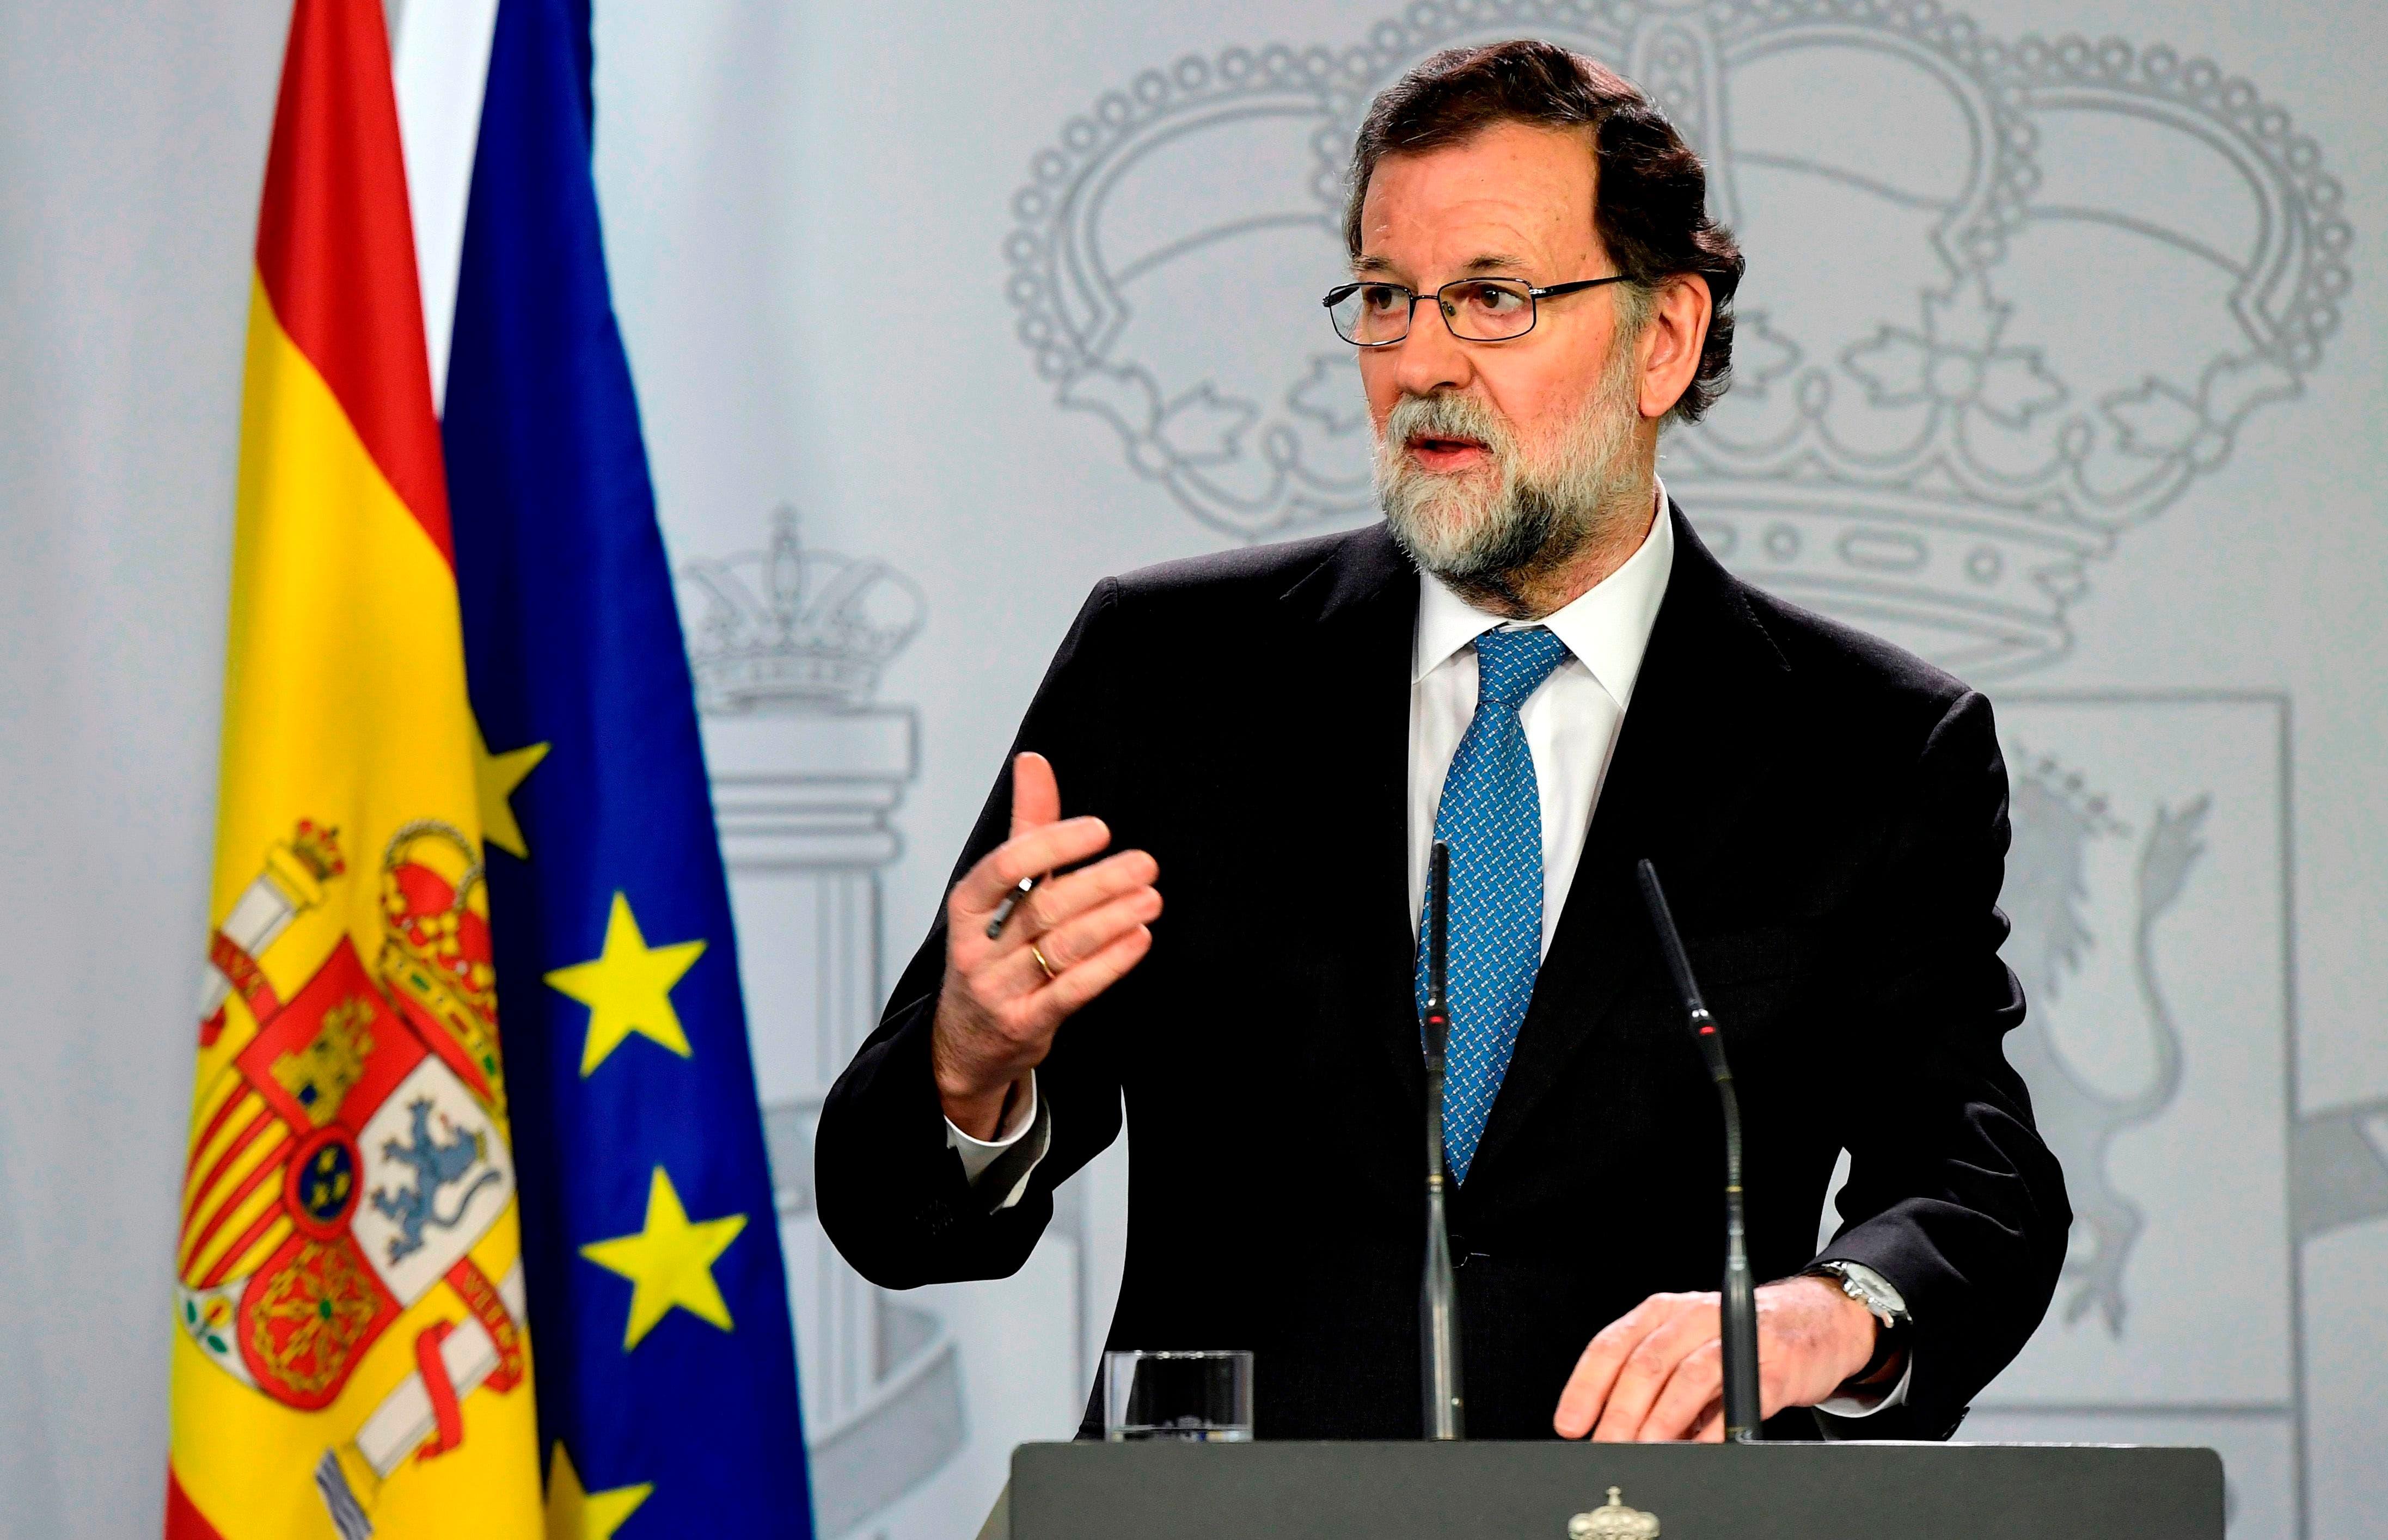 Rajoy asegura que España crecerá 3% en 2018 si vuelve la «normalidad» a Cataluña